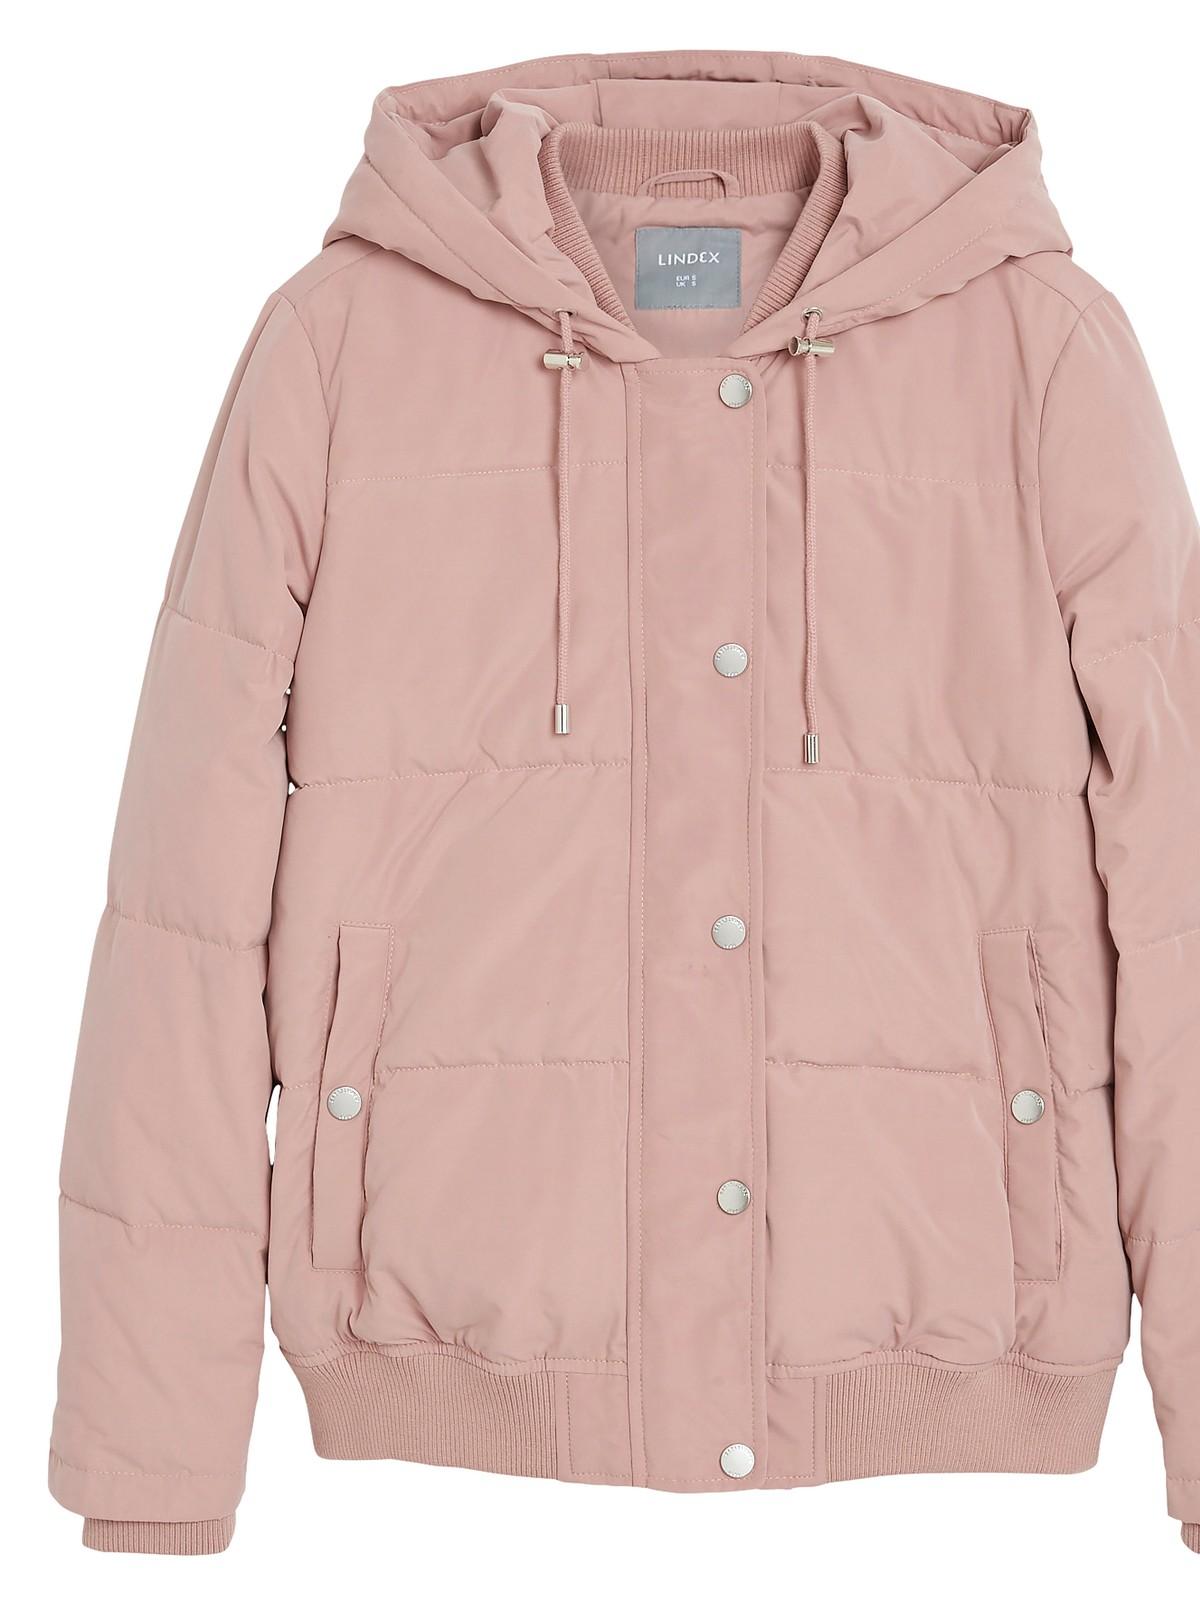 Vattert jakke | Lindex